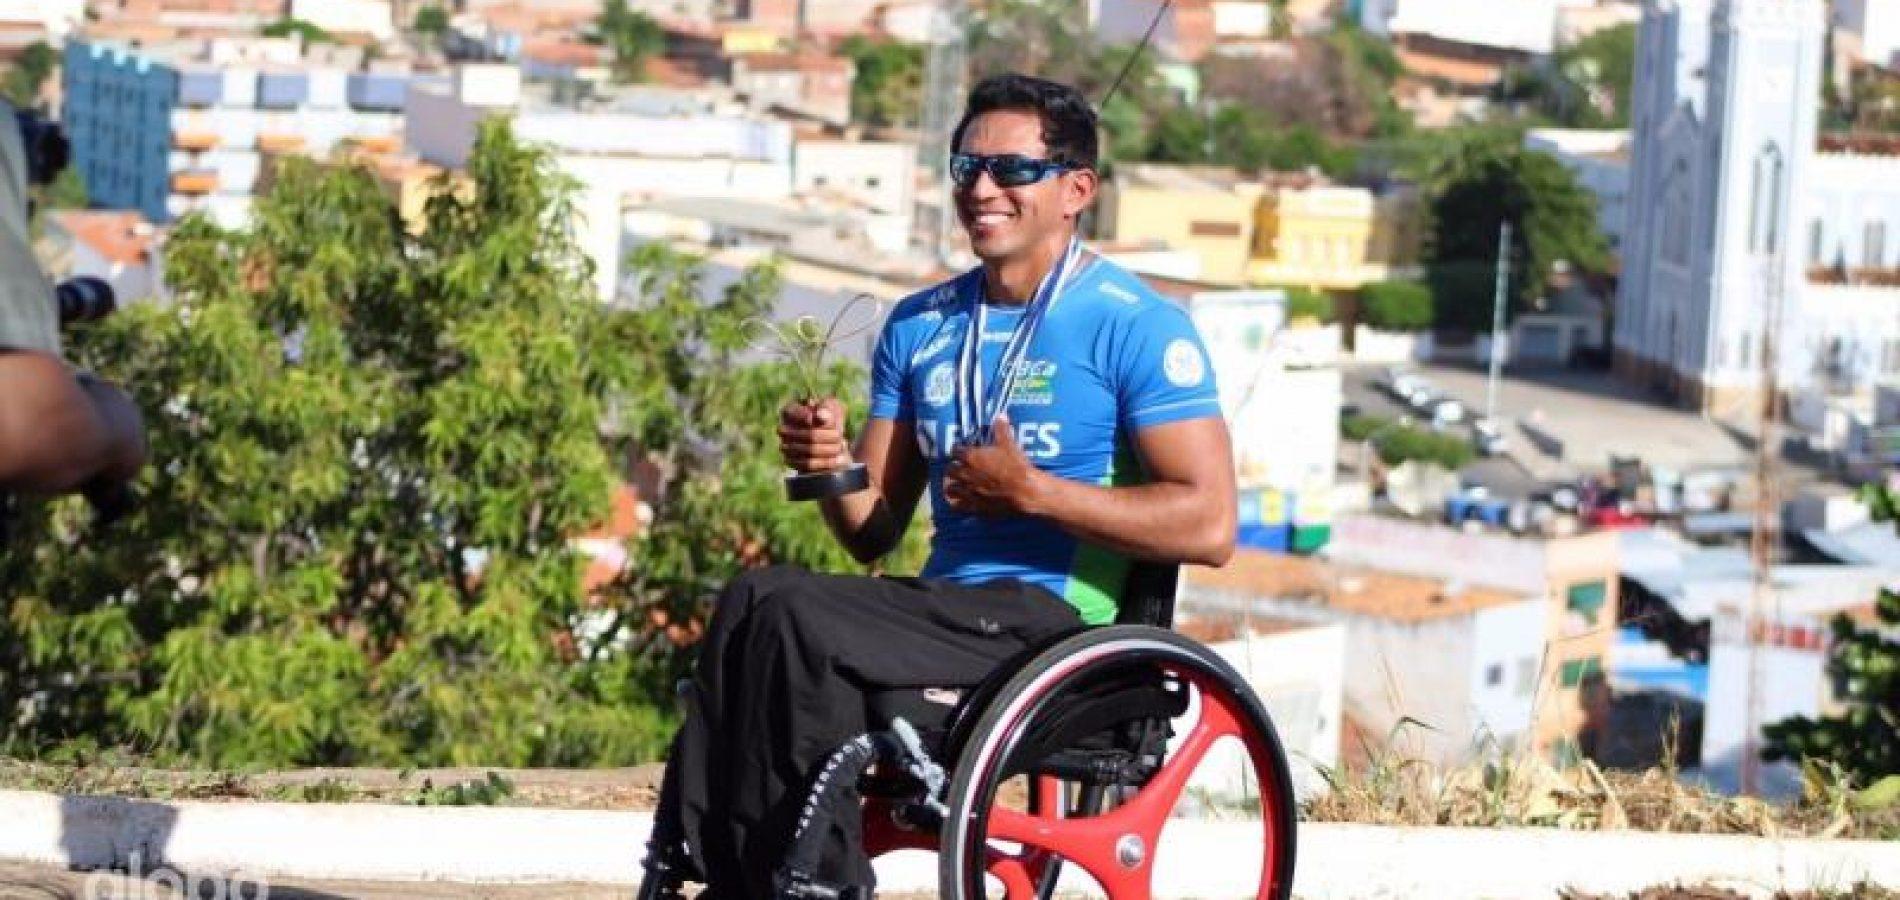 Picoense participará pela quarta vez do Pan-americano de Paracanoagem